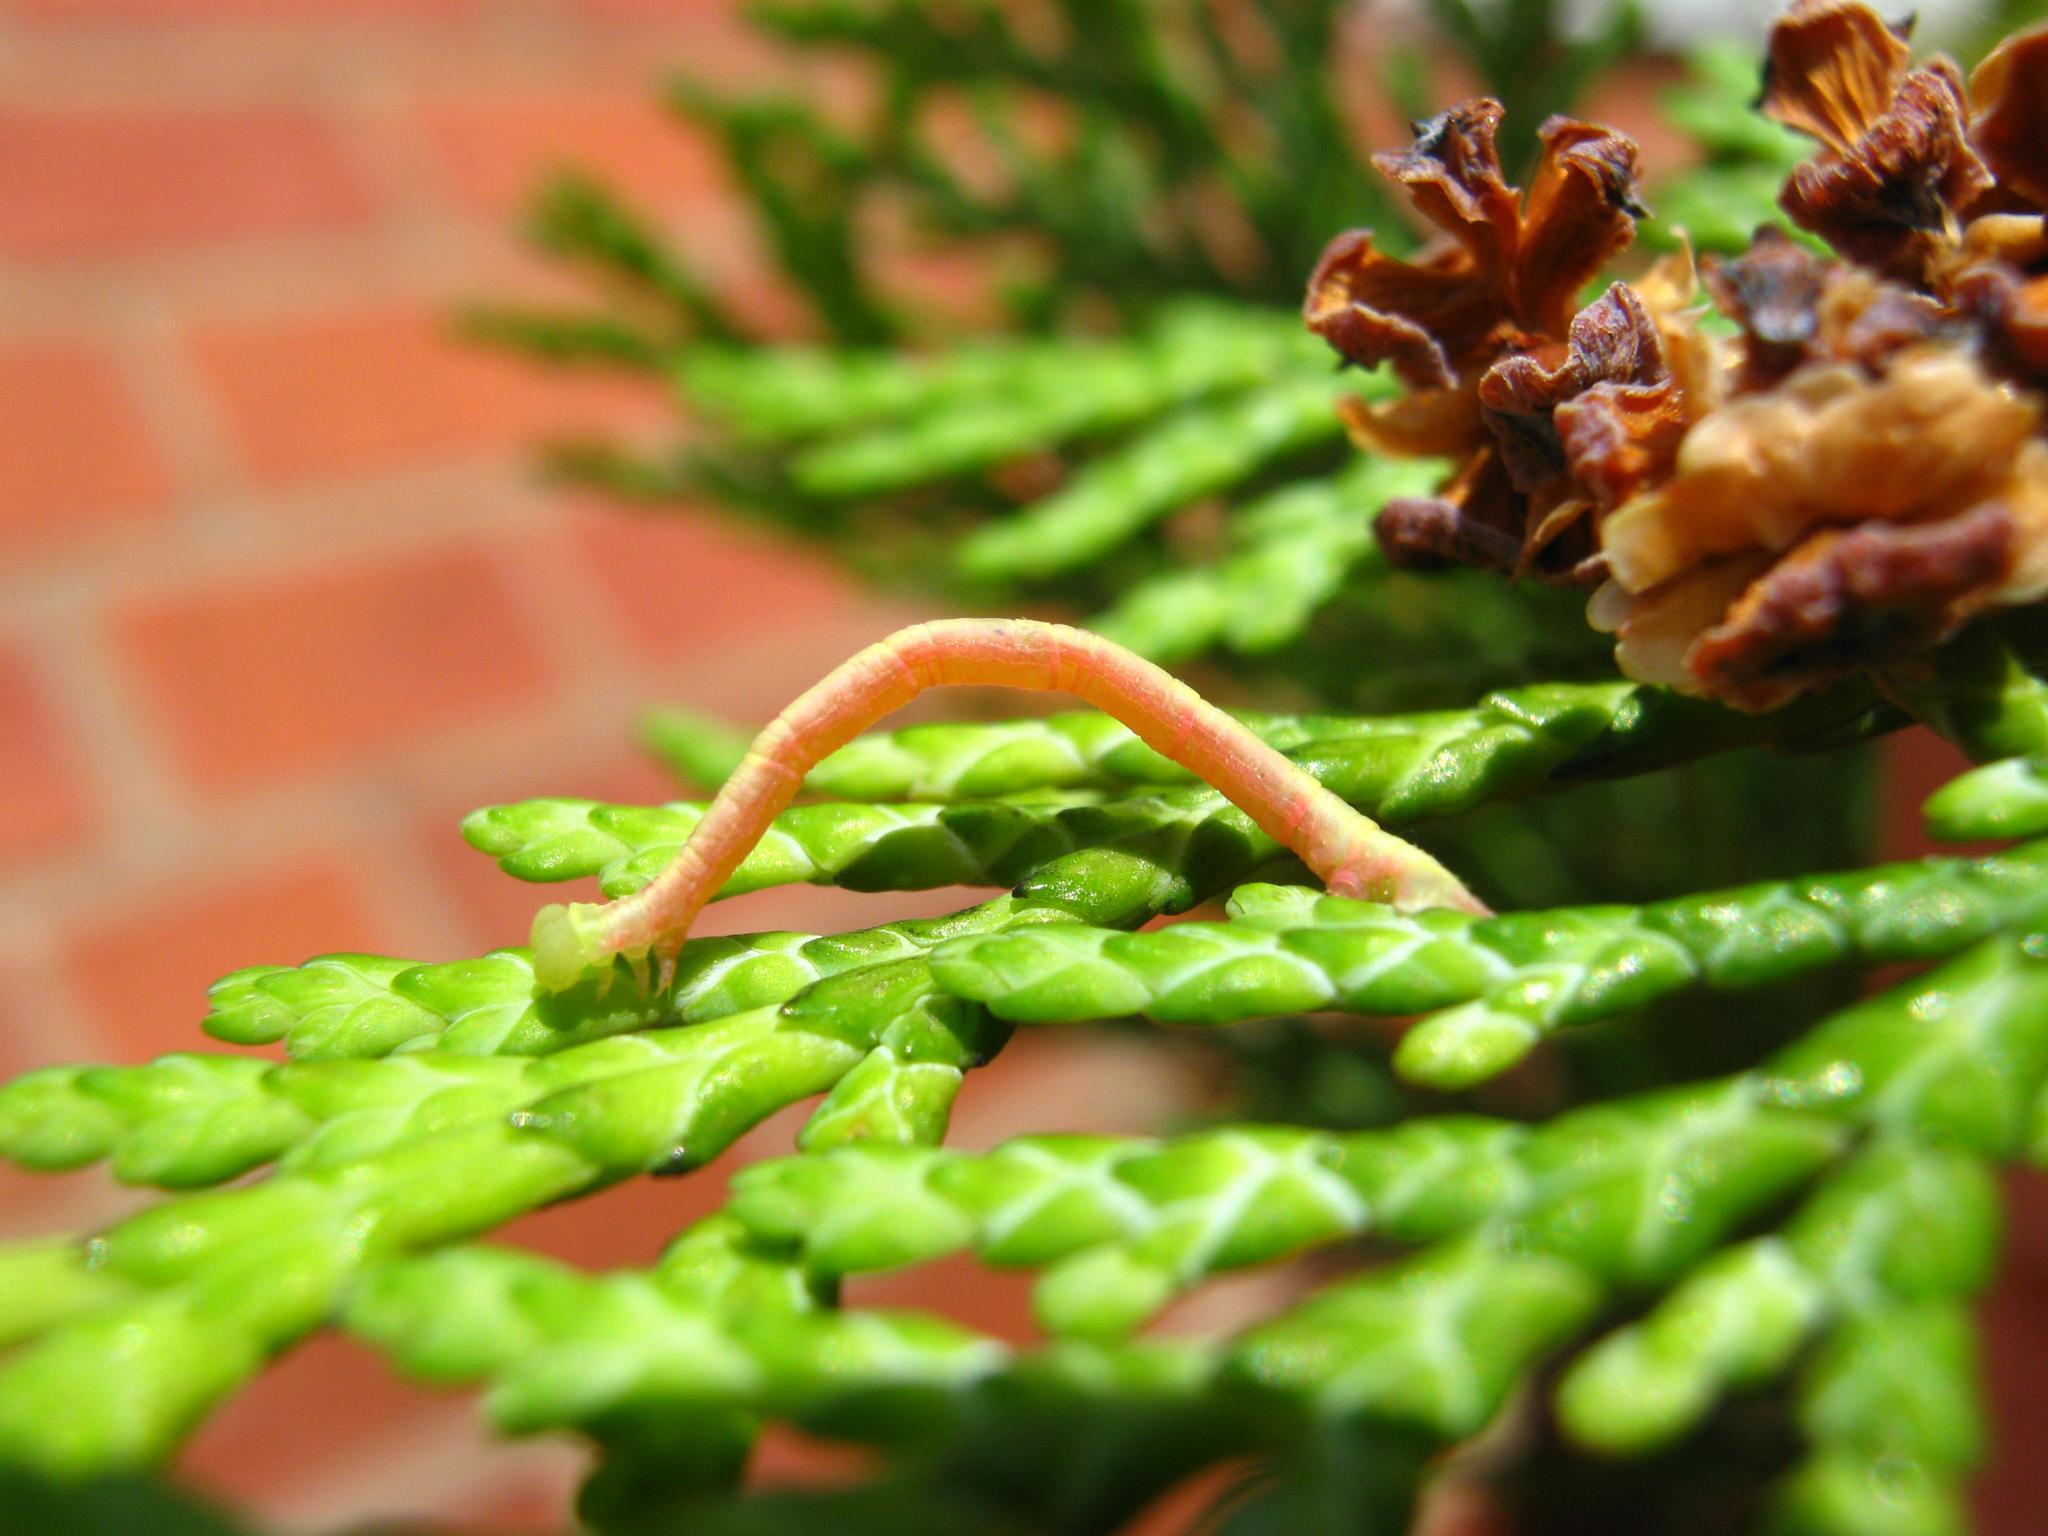 Tiny Caterpillar  by NatureBoy